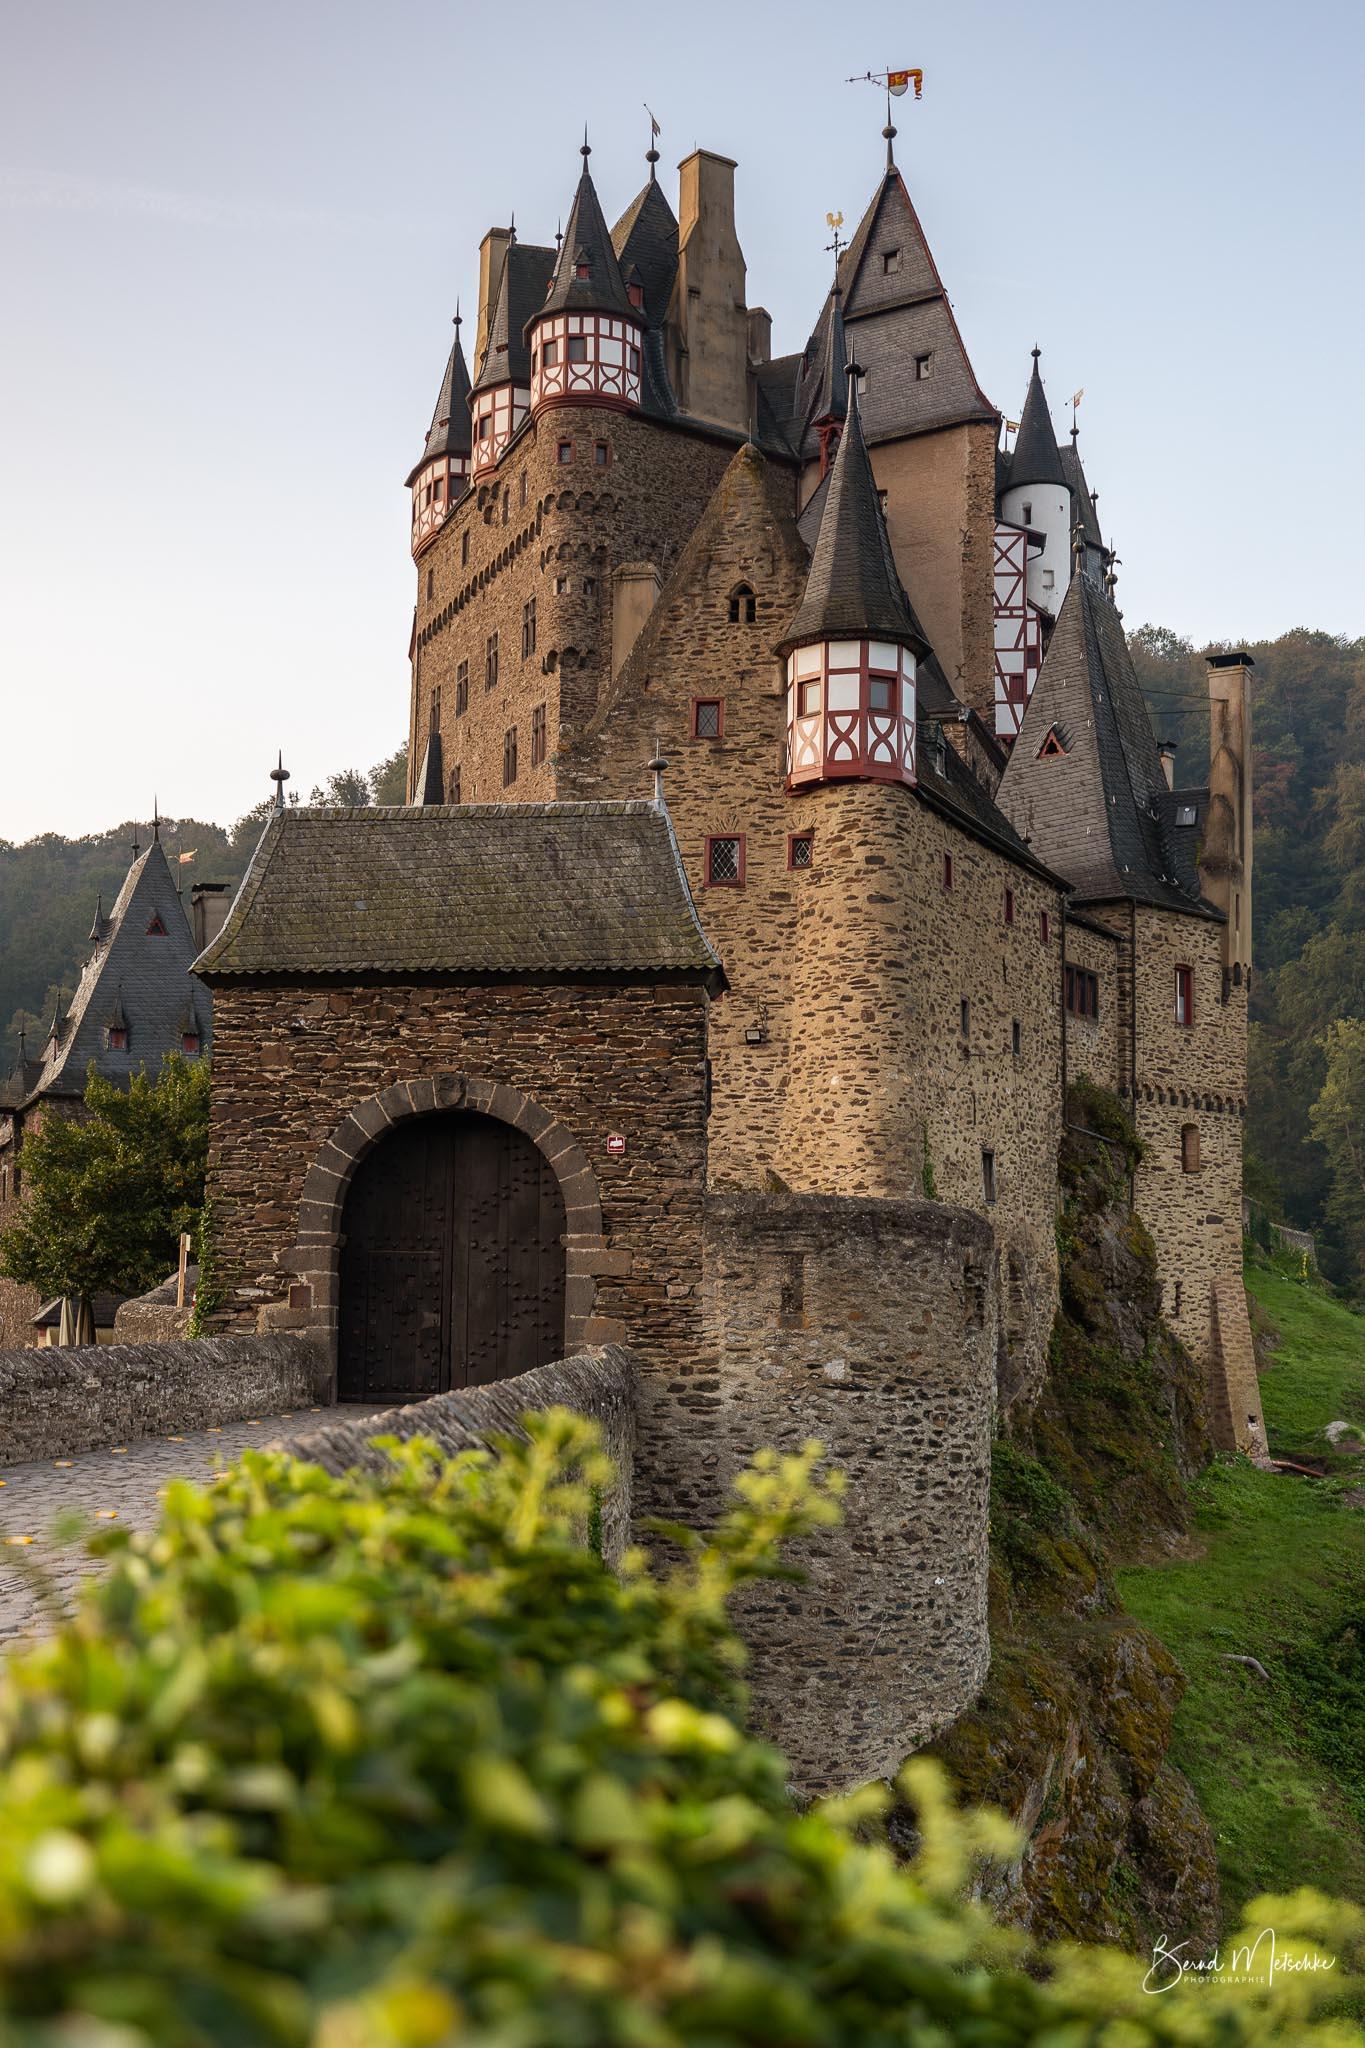 Die Burg Eltz, eine der schönsten Burganlagen Deutschlands.